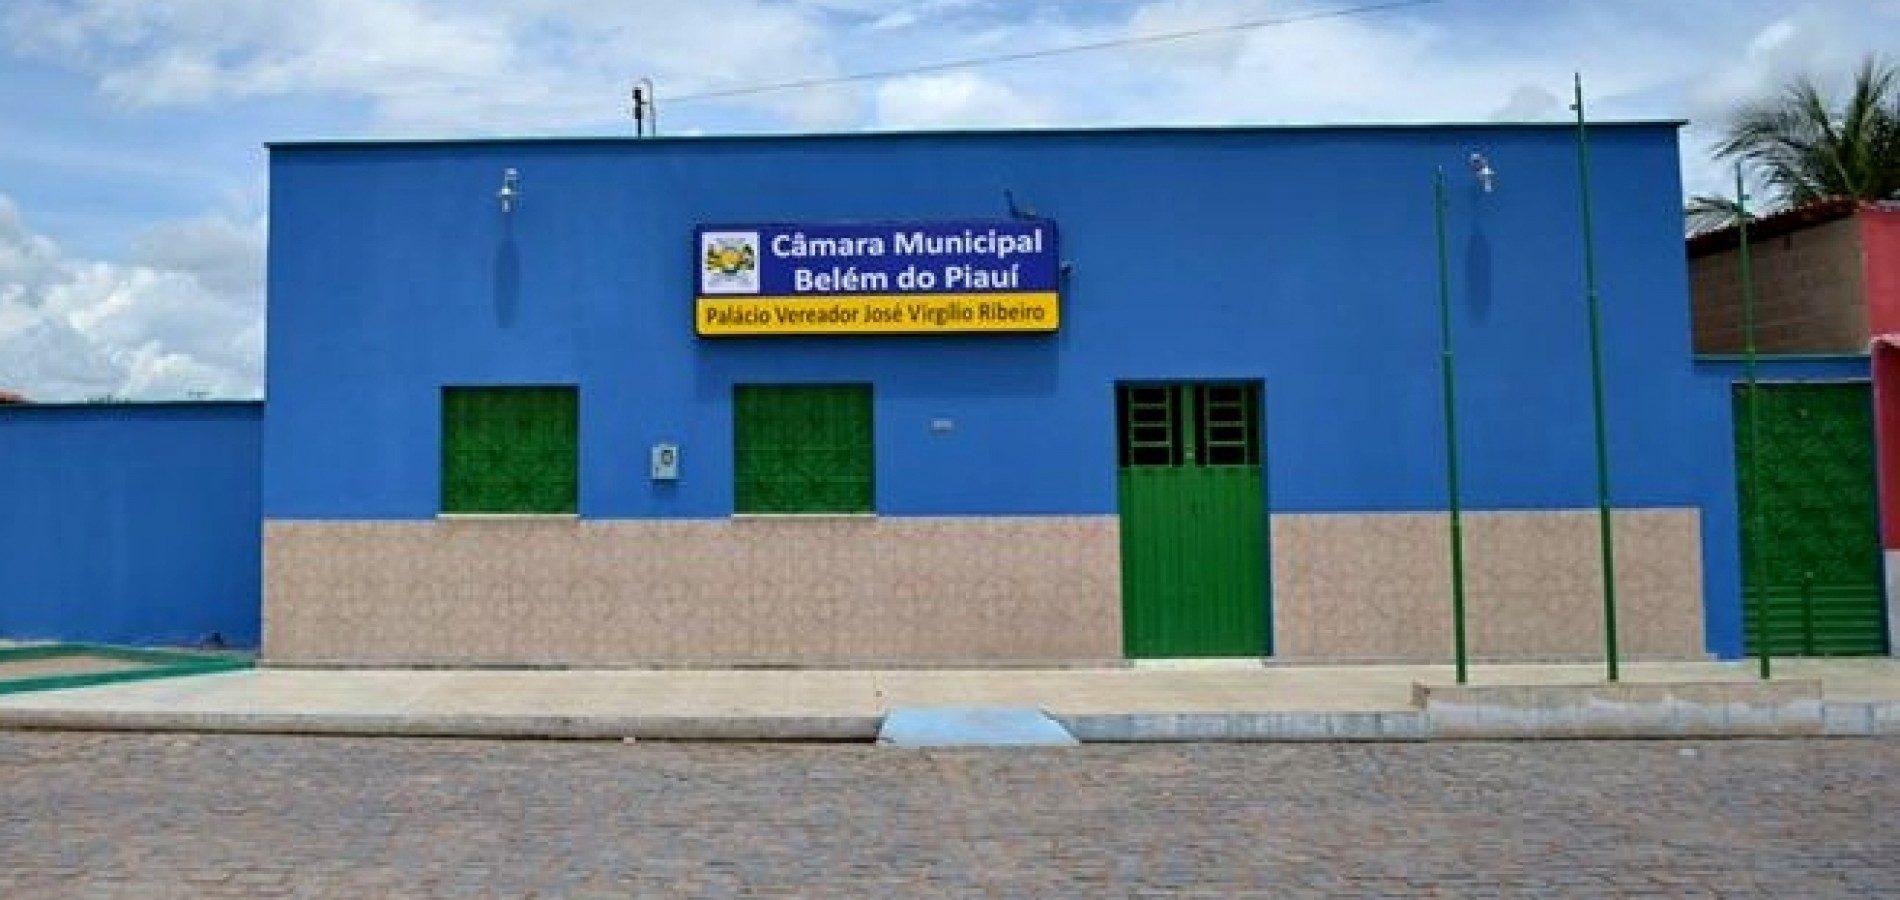 Câmara de Belém do Piauí realiza sessão ordinária nesta sexta-feira (23); veja a pauta